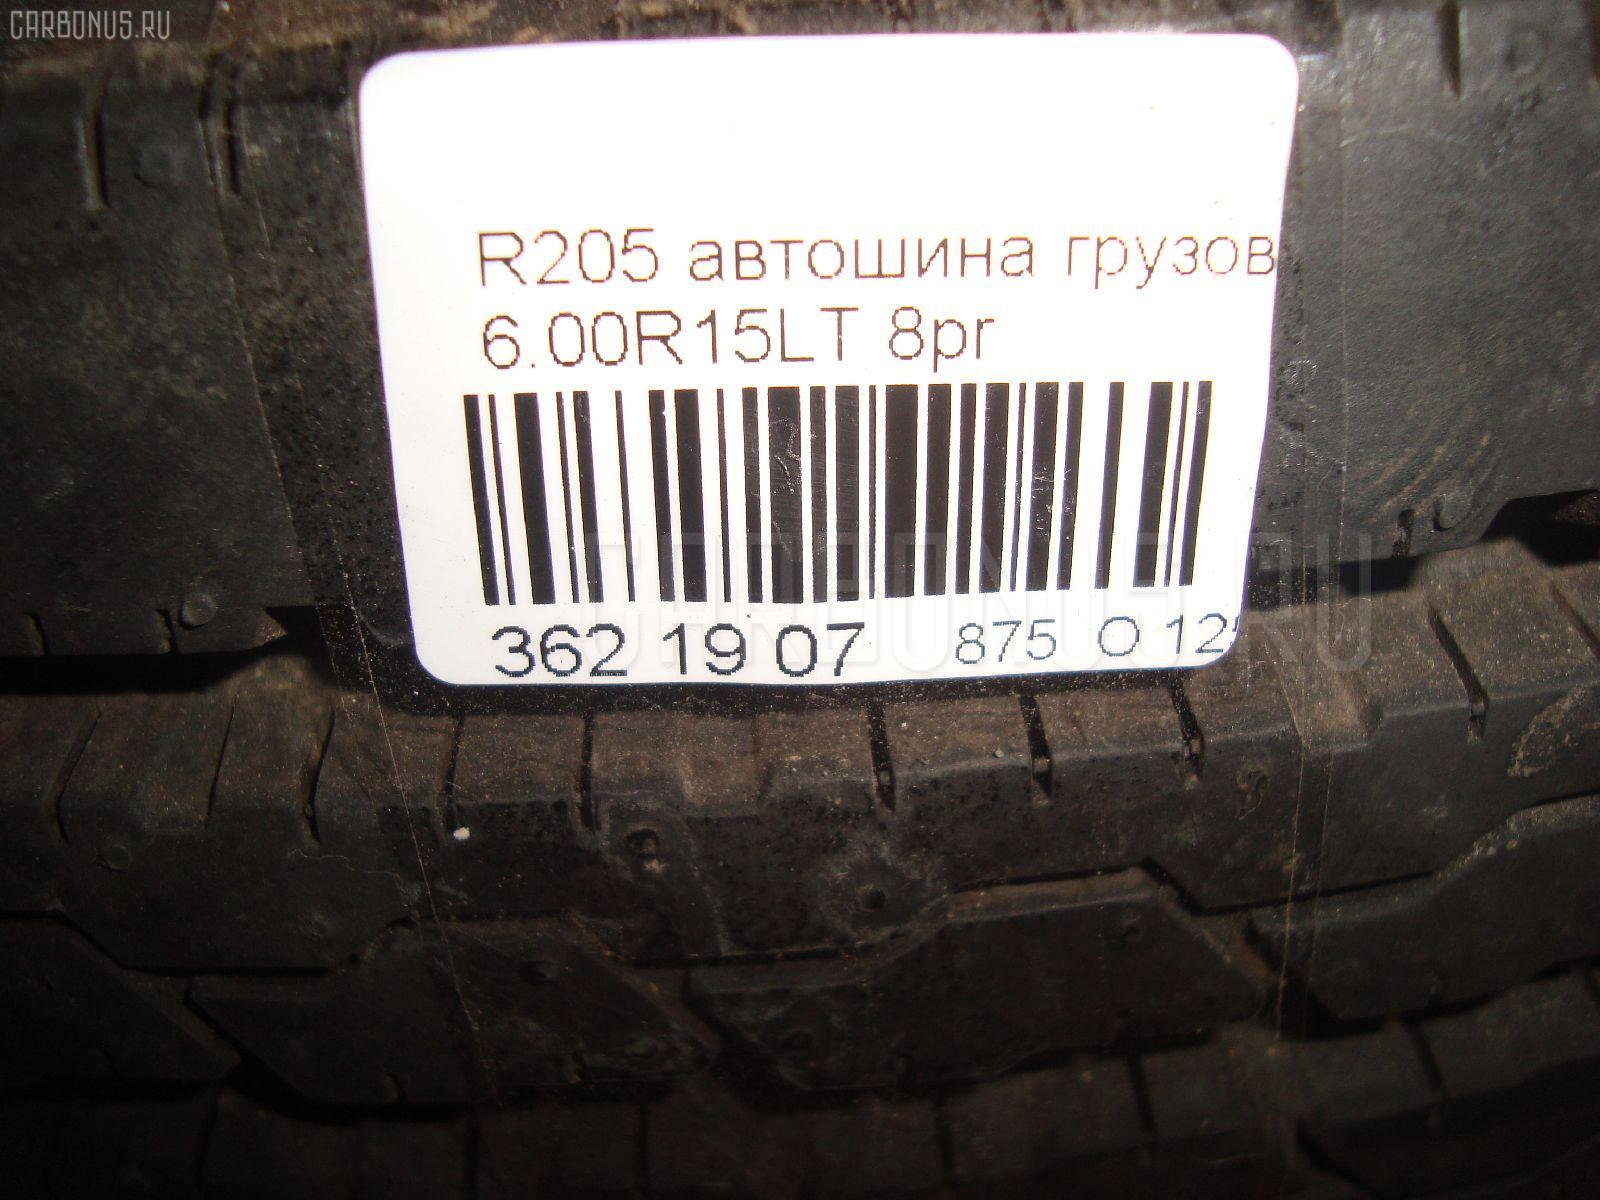 Автошина грузовая летняя Bridgeston R205 6.00R15LT BRIDGESTONE Фото 5